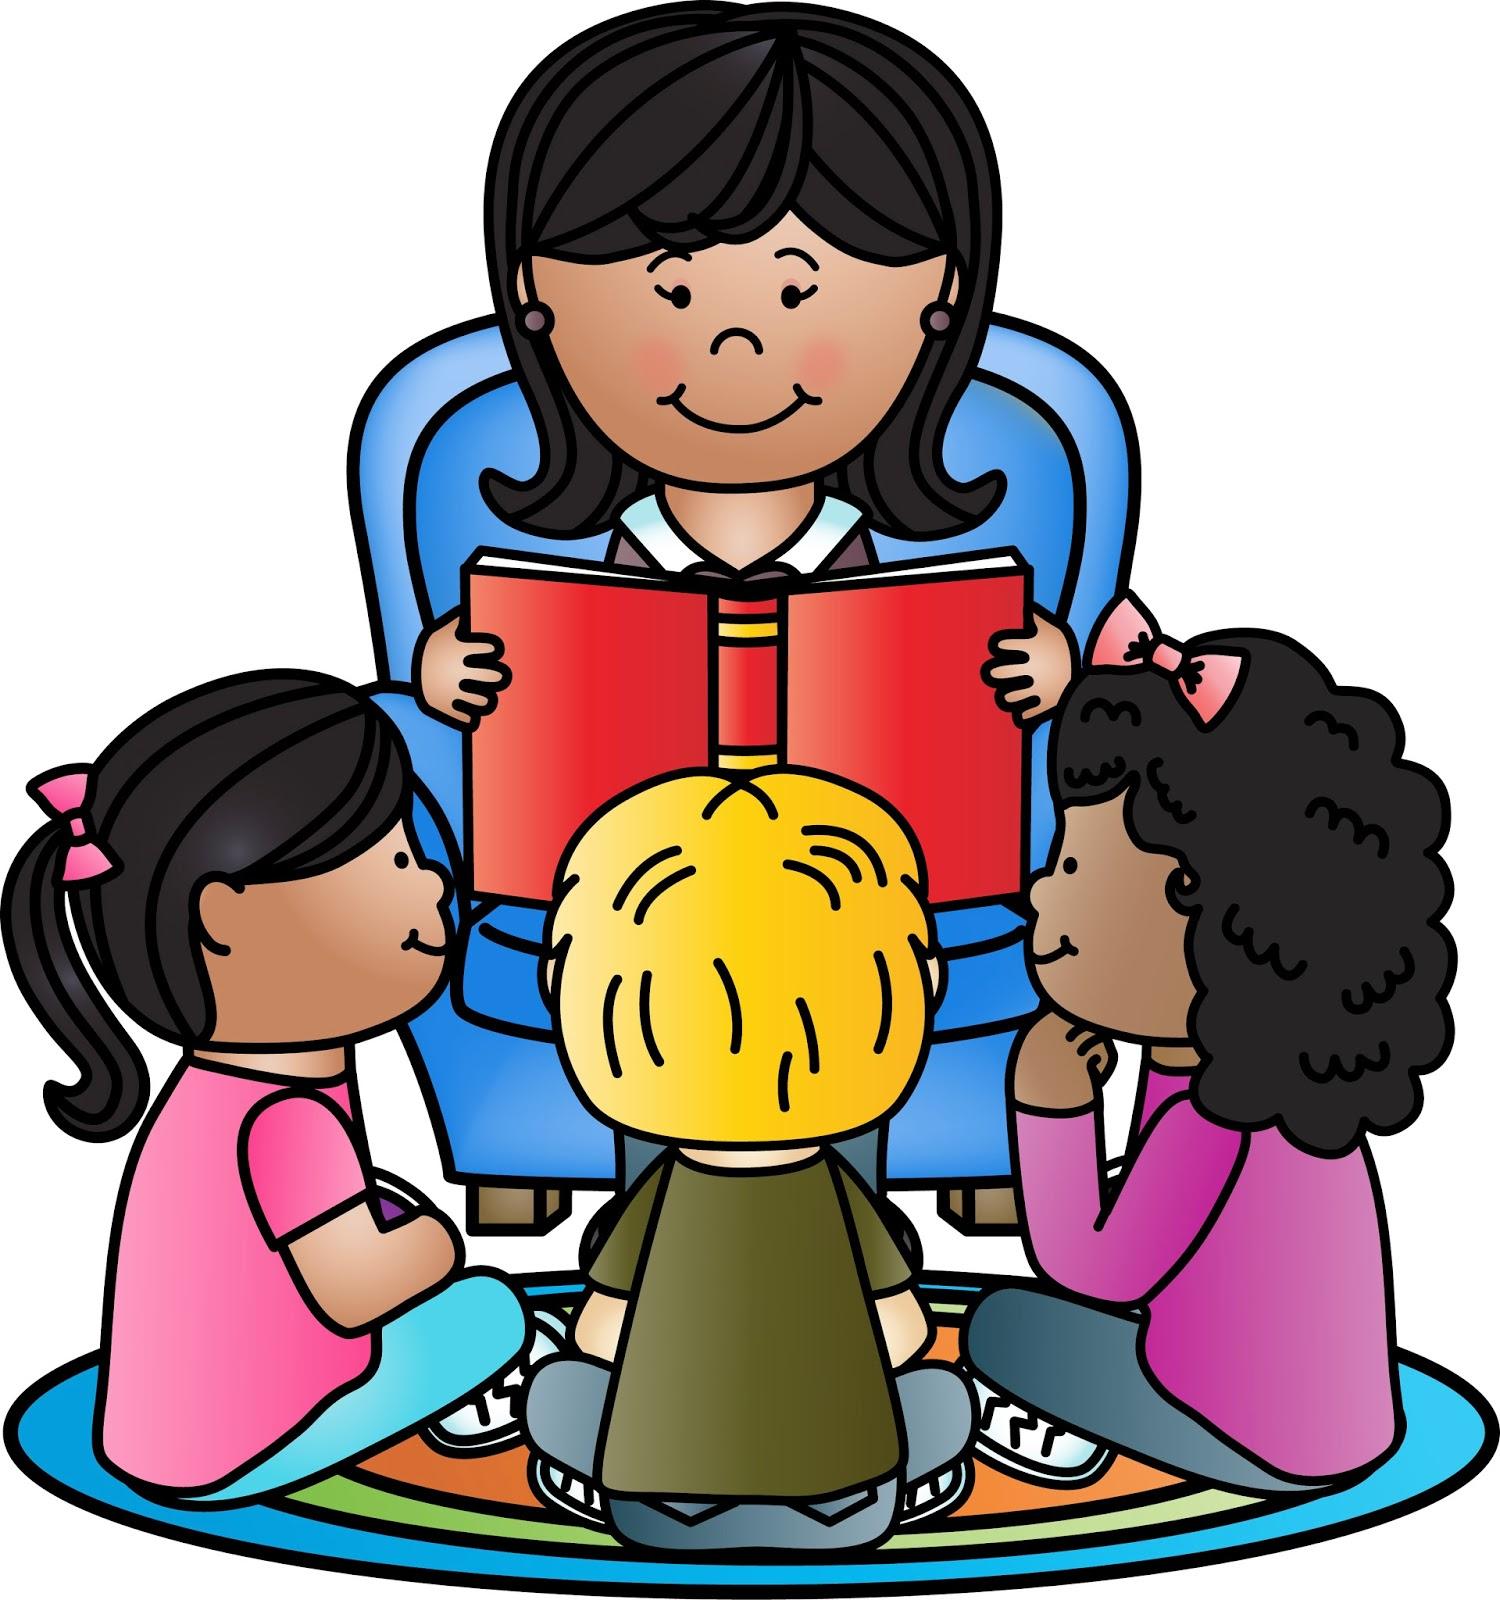 1500x1600 Image Of Preschool Classroom Clipart